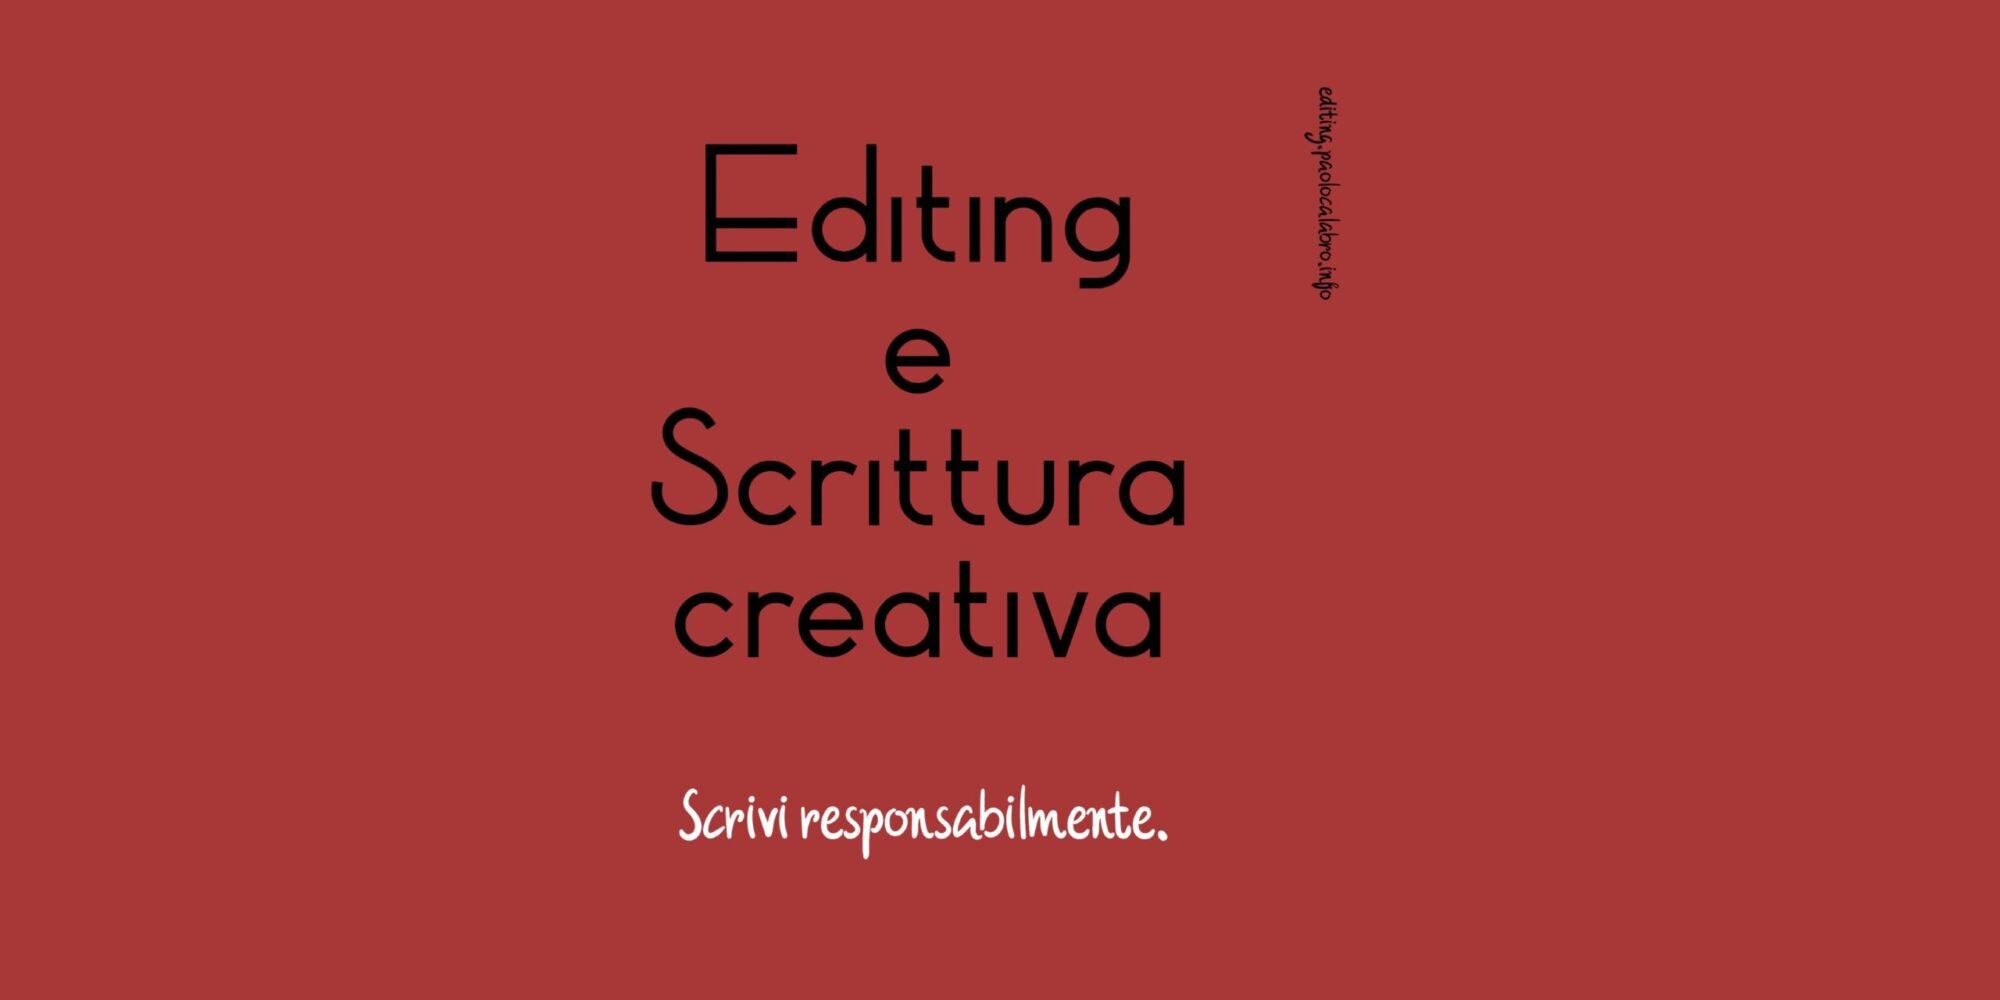 Editing e Scrittura creativa – di Paolo Calabrò